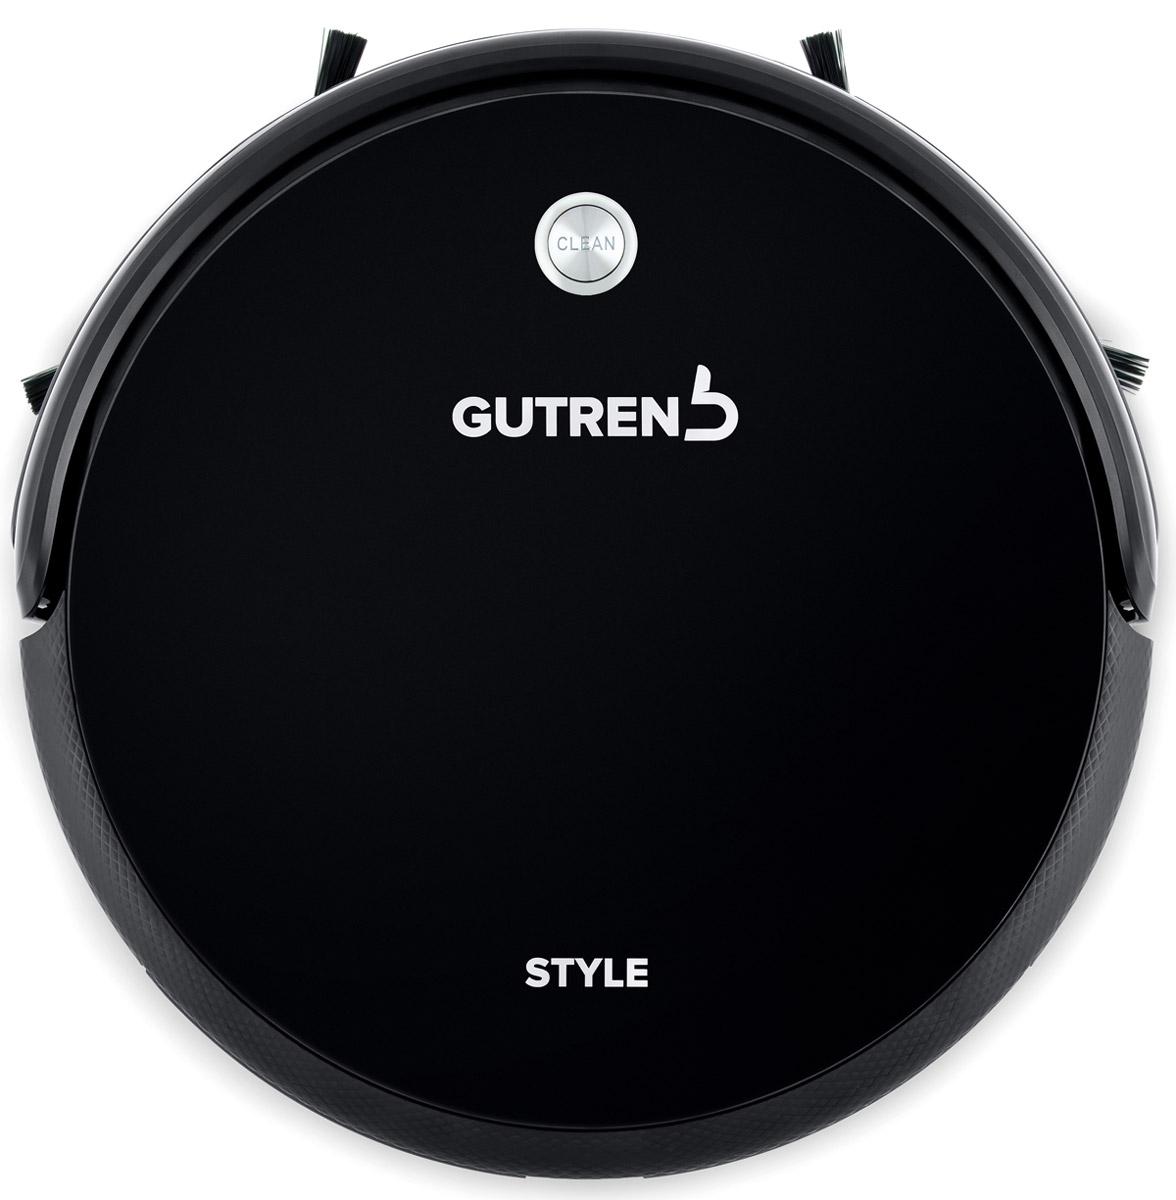 Gutrend Style 220, Black робот-пылесосG220BРобот-пылесос Gutrend Style 220 оснащен по последнему слову техники, и обеспечивает как влажную, так и сухую уборку на всех типах напольных покрытий.В данной модели реализована усовершенствованная технология автоматической подачи воды SMART DRIP 2.0. Отныне надежная электронная система отвечает за точное дозирование поступающей жидкости.В зависимости от скорости движения робота-пылесоса миникомпрессор создает необходимое давление в контейнере для воды - ее необходимое количество поступает на микрофибру.В момент остановки пылесоса электронный клапан прекращает подачу жидкости, оберегая Ваше напольное покрытие.Новый BLDC мотор стал еще более надежным и производительным, он обеспечивает высокую мощность всасывания, но в тоже время низкий уровень шума.Последняя версия программного обеспечения в сочетании с литий-ионным аккумулятором увеличенной до2600 мАч емкости позволит прекрасно справиться с уборкой на площади до 240 м2. Увеличилось и время автономной работы, теперь оно составляет 210 минут.Несмотря на все новшества, Gutrend Style 220 сохранил маленькие габариты: всего 30,5 см в диаметре, и 7,5 см в высоту: он с легкостью уберет в таких труднодоступных местах, как пространство под кроватью, шкафами, и прочими предметами интерьера.Данная модель обладает вместительным пылесборником (0,45 л.), емкости которого хватает на 3-4 полноценных уборки. А для того, чтобы воздух в доме всегда оставался чистым, в пылесборнике предусмотрены 3 ступени фильтрации.Наличие продвинутой системы оптических датчиков помогают роботу без труда ориентироваться в пространстве. Они не позволят ему упасть с высоты и предупредят столкновение с предметами интерьера. Виртуальная стена позволяет ограничить движение робота в определенную зону. С помощью пульта дистанционного управления вы сможете задать один из 8 режимов уборки в зависимости от поставленной задачи. По окончанию уборки робот-пылесос самостоятельно отправится на зарядную станцию.Емкость аккуму